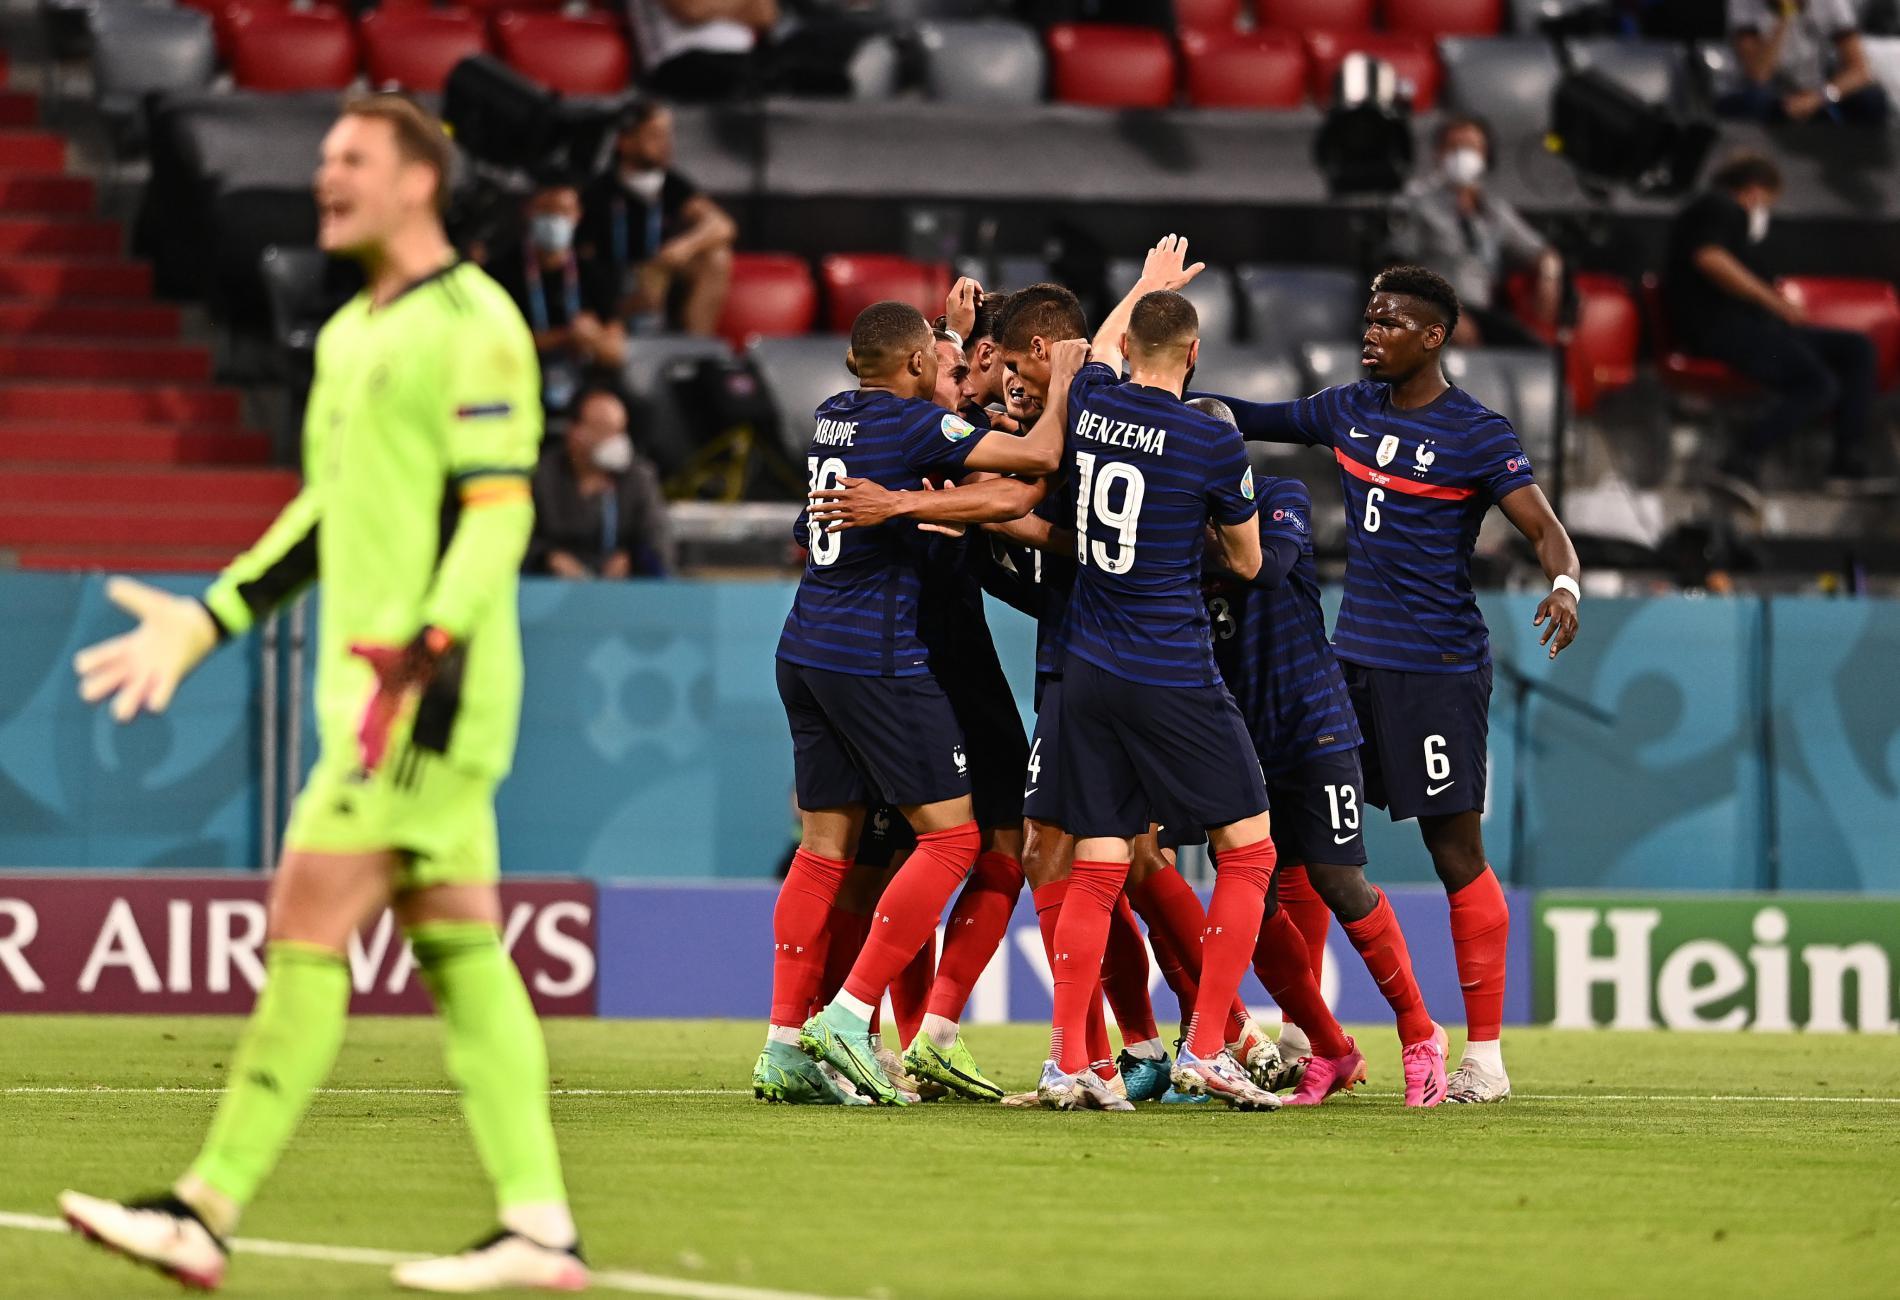 Bertanding Sengit, Prancis Menang Tipis dari Jerman 1-0 dengan Gol Bunuh Diri Hummels